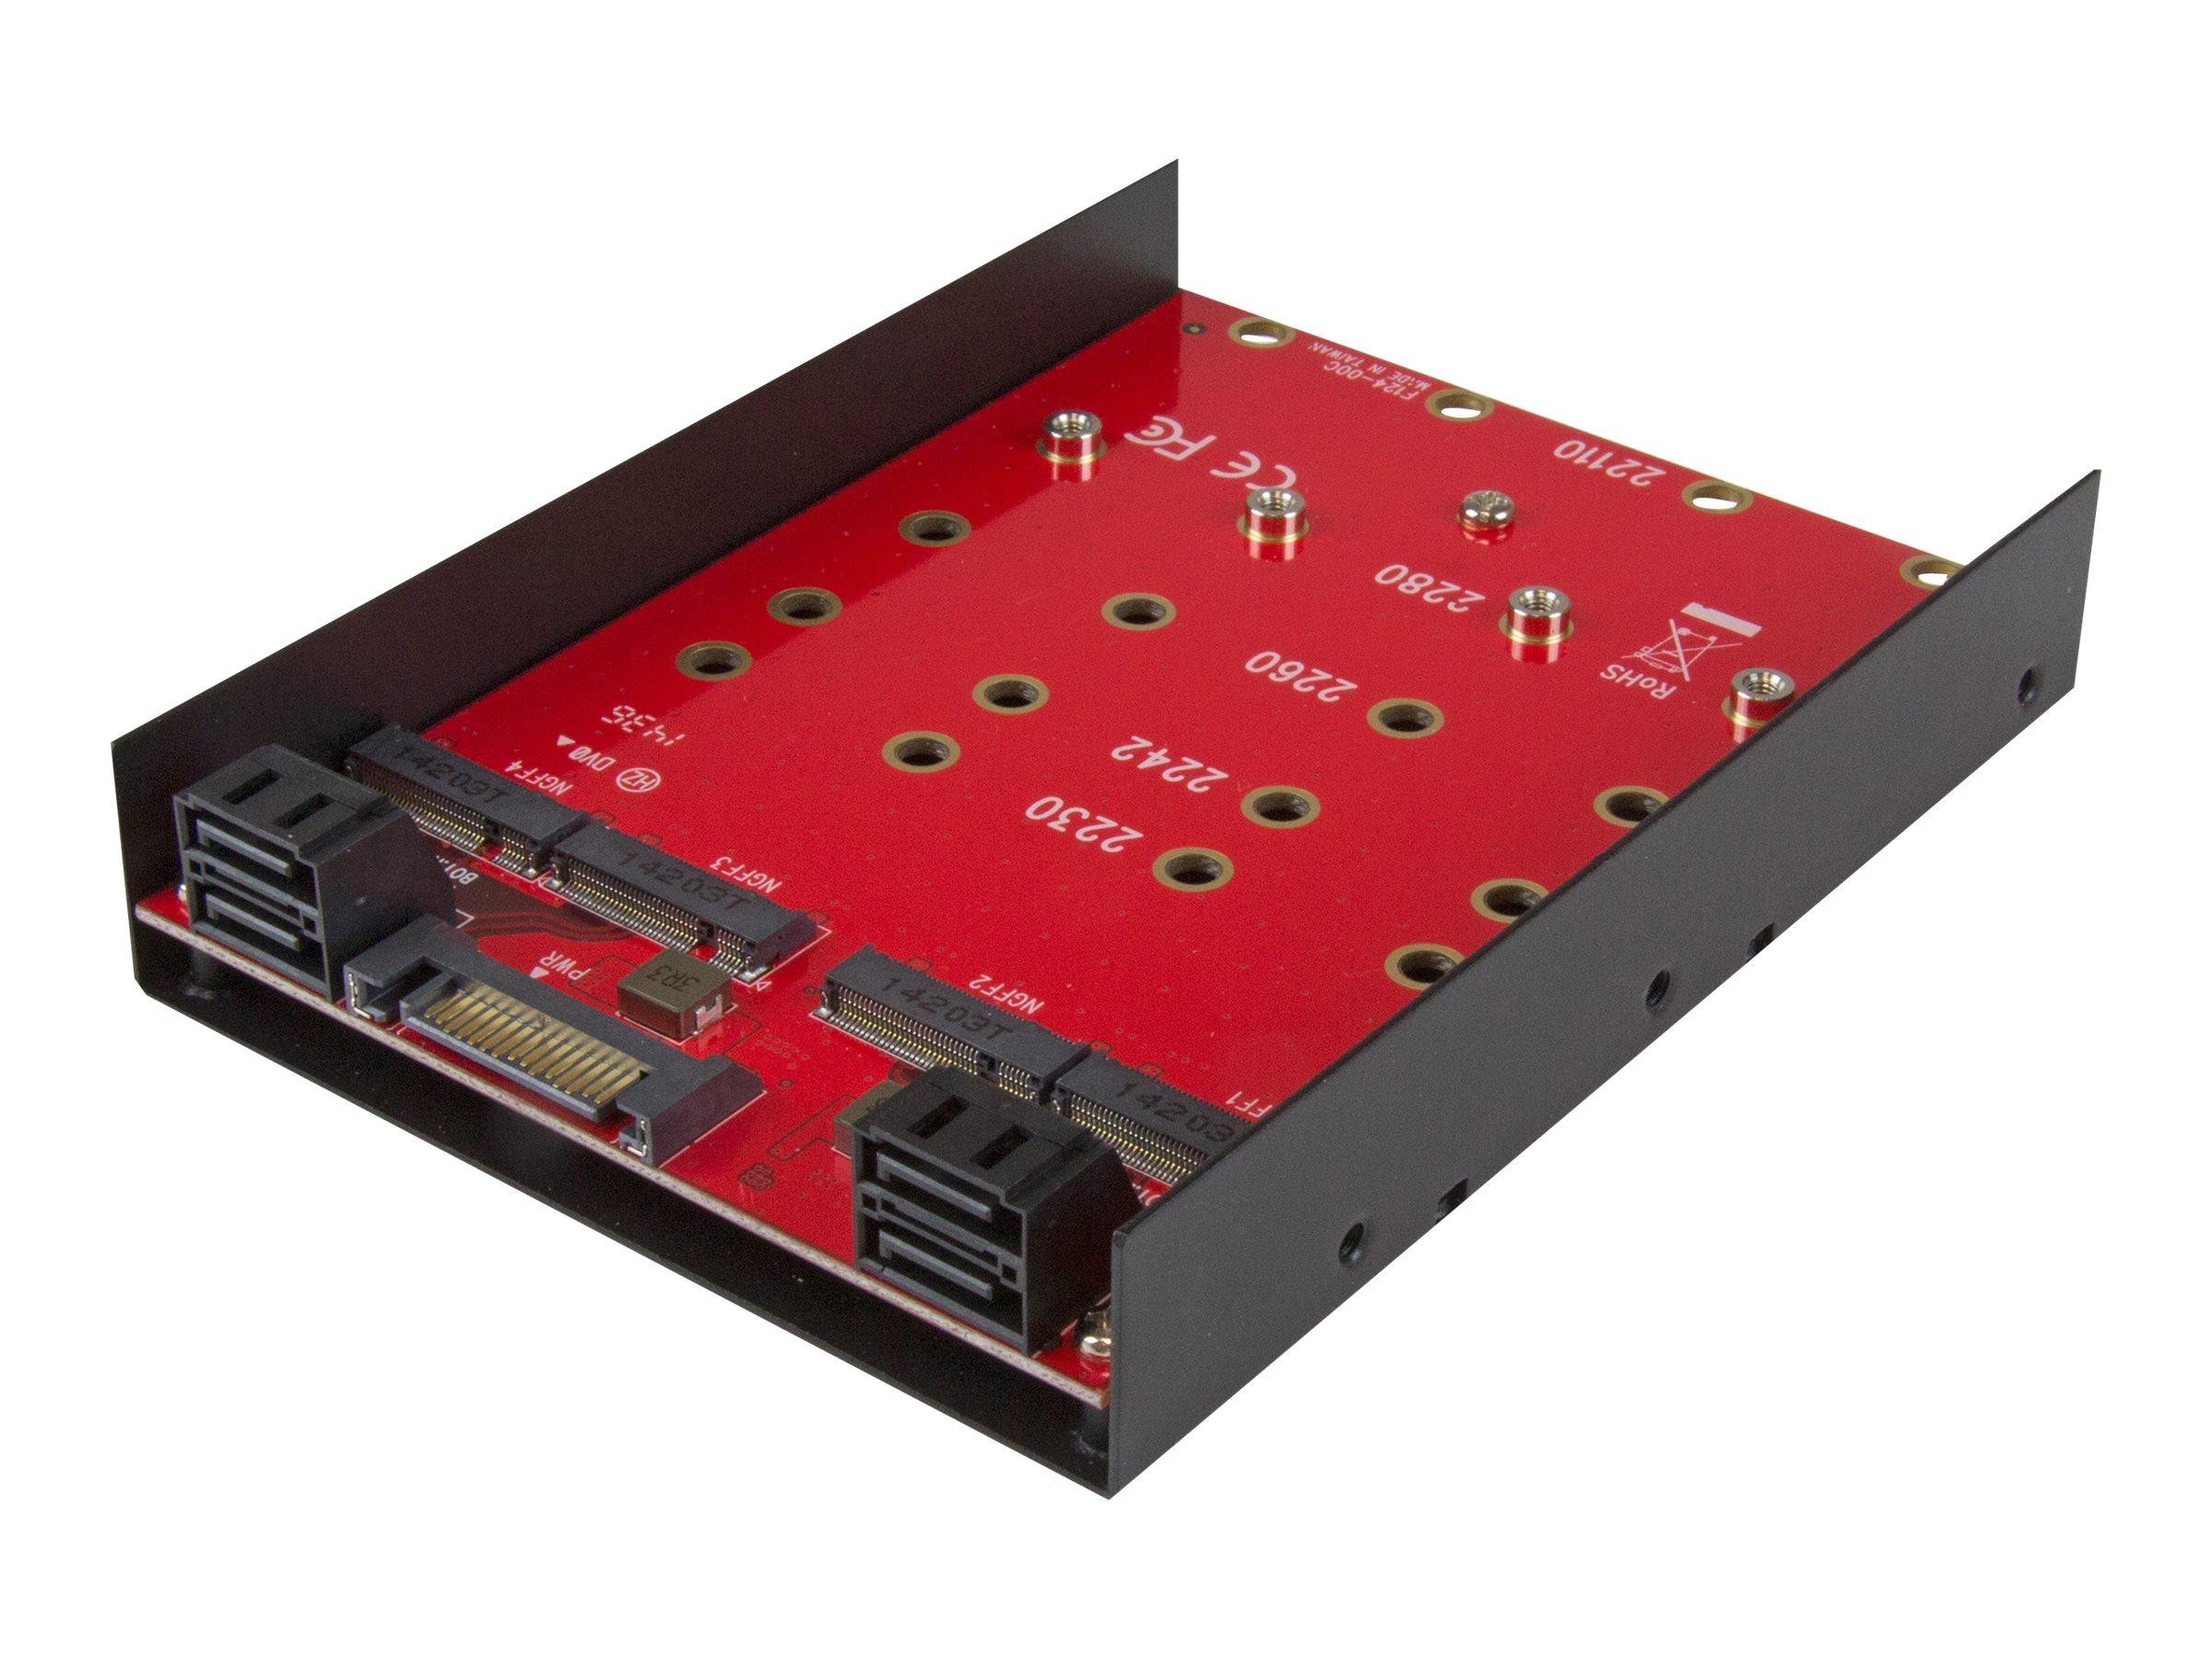 StarTech.com 4x M.2 SATA Adapter für 3,5 Einbauschacht - 4-fach M.2 zu SATA Konverter für 3,5 Zoll Schacht - Speicher-Controller